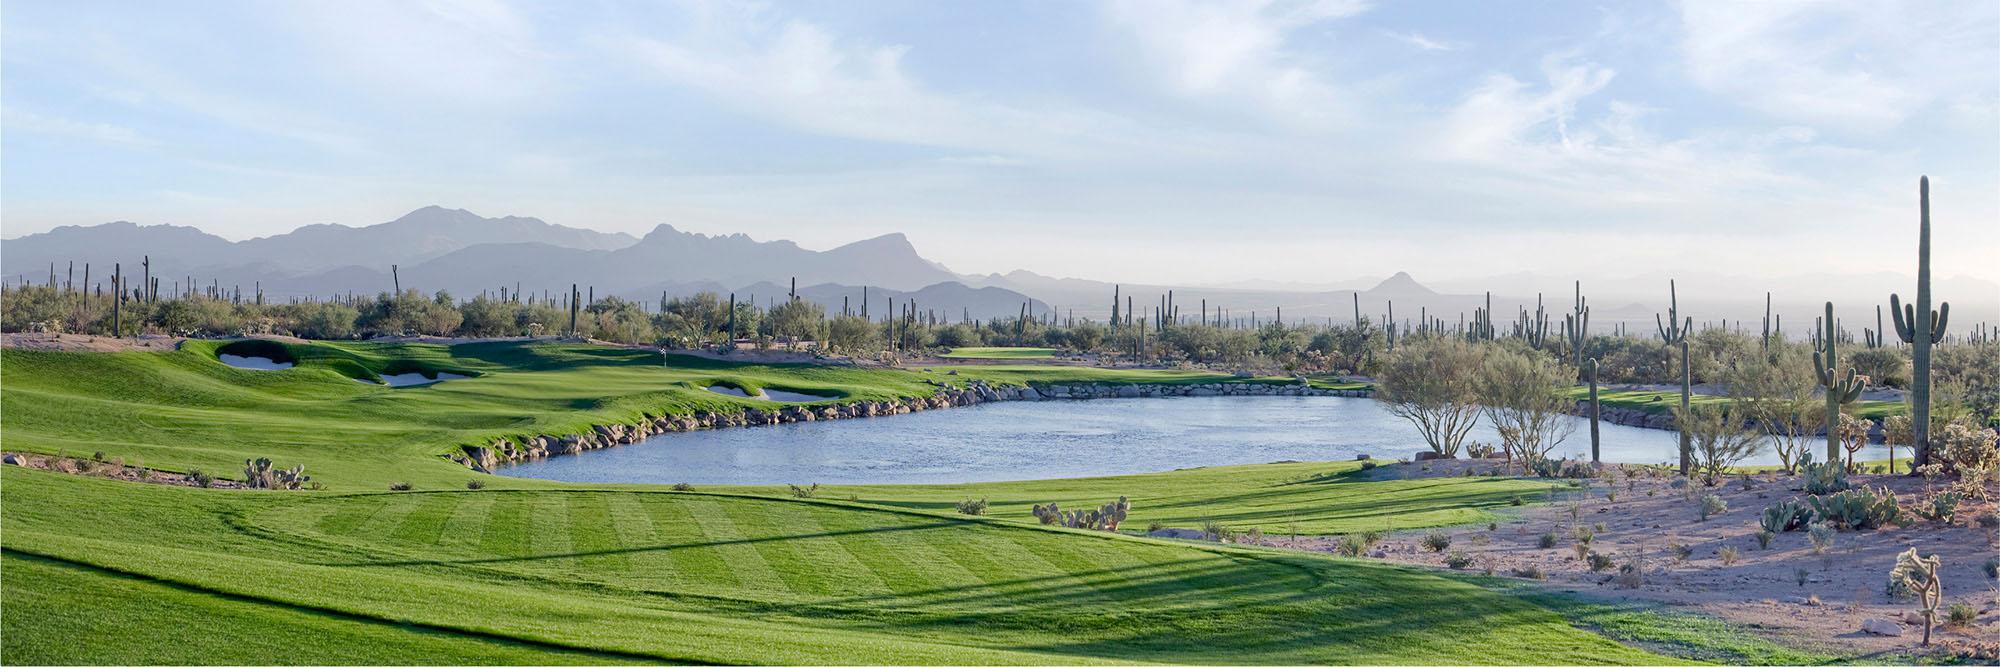 Golf Course Image - Ritz Carlton Dove Mountain No. 3